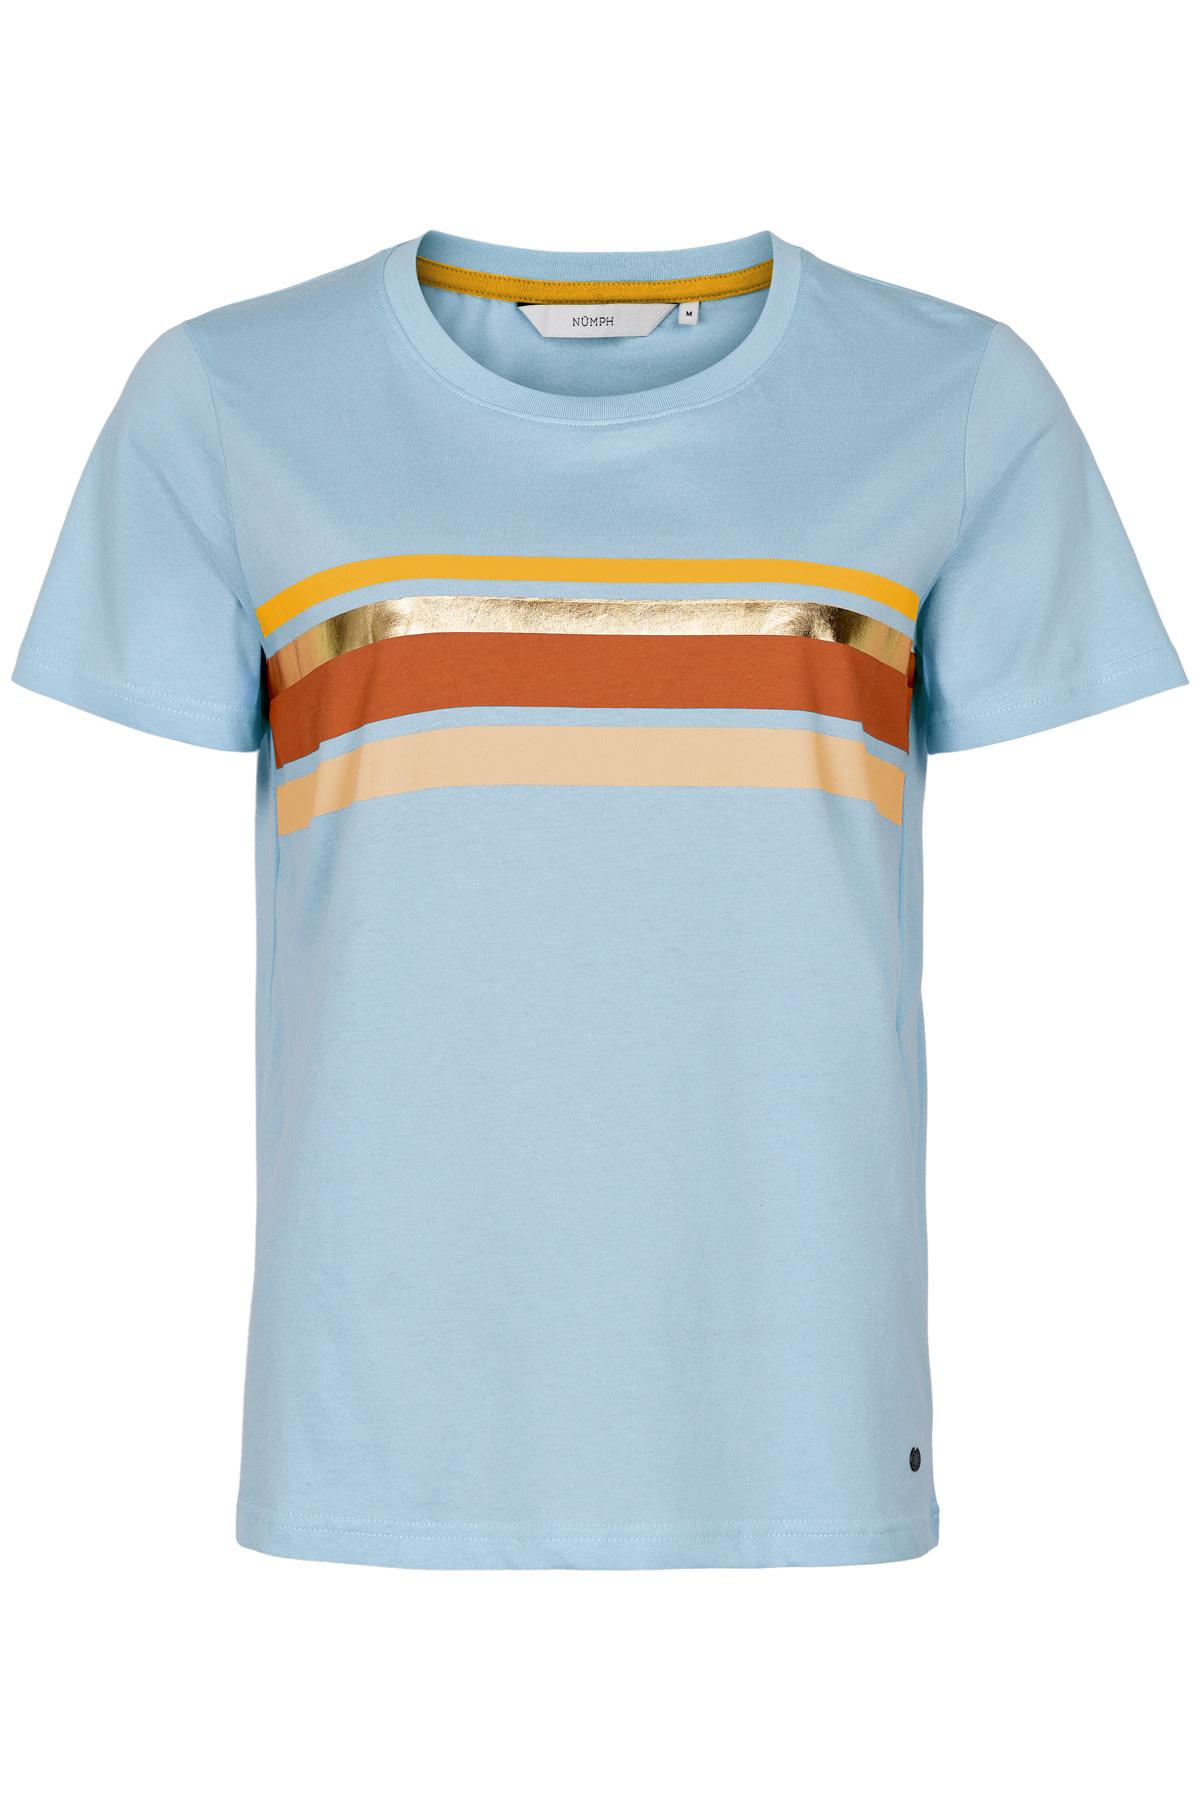 Nümph Bryce T-shirt S20 - Blauw